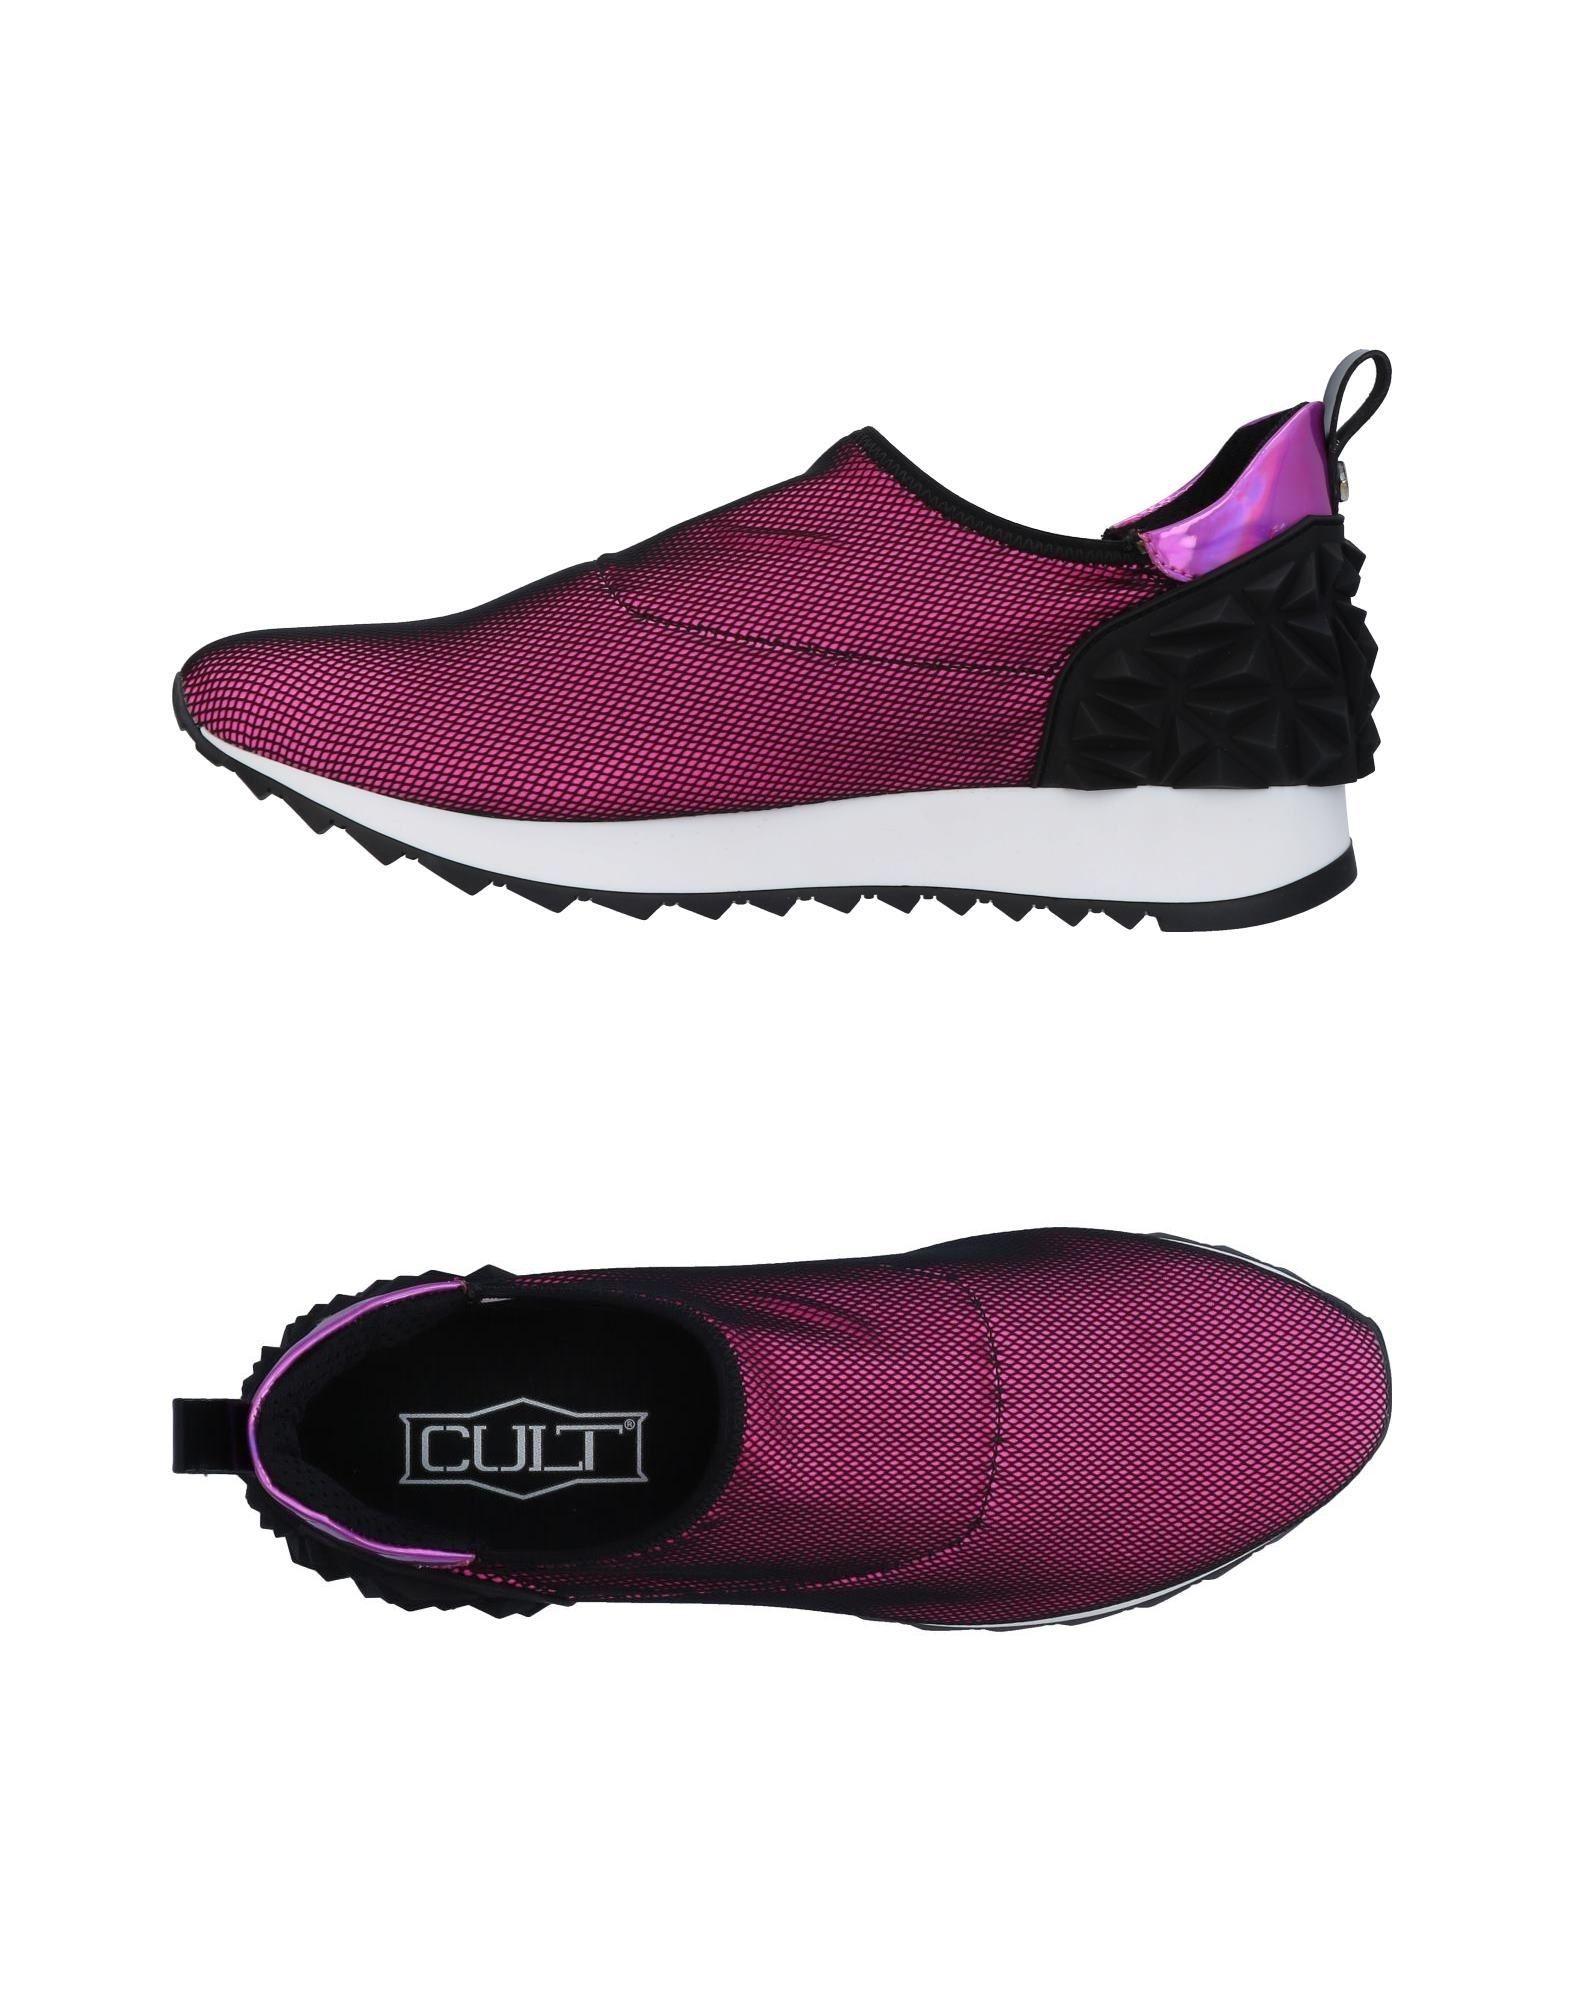 Cult Sneakers Damen  11463021HS Gute Qualität beliebte Schuhe